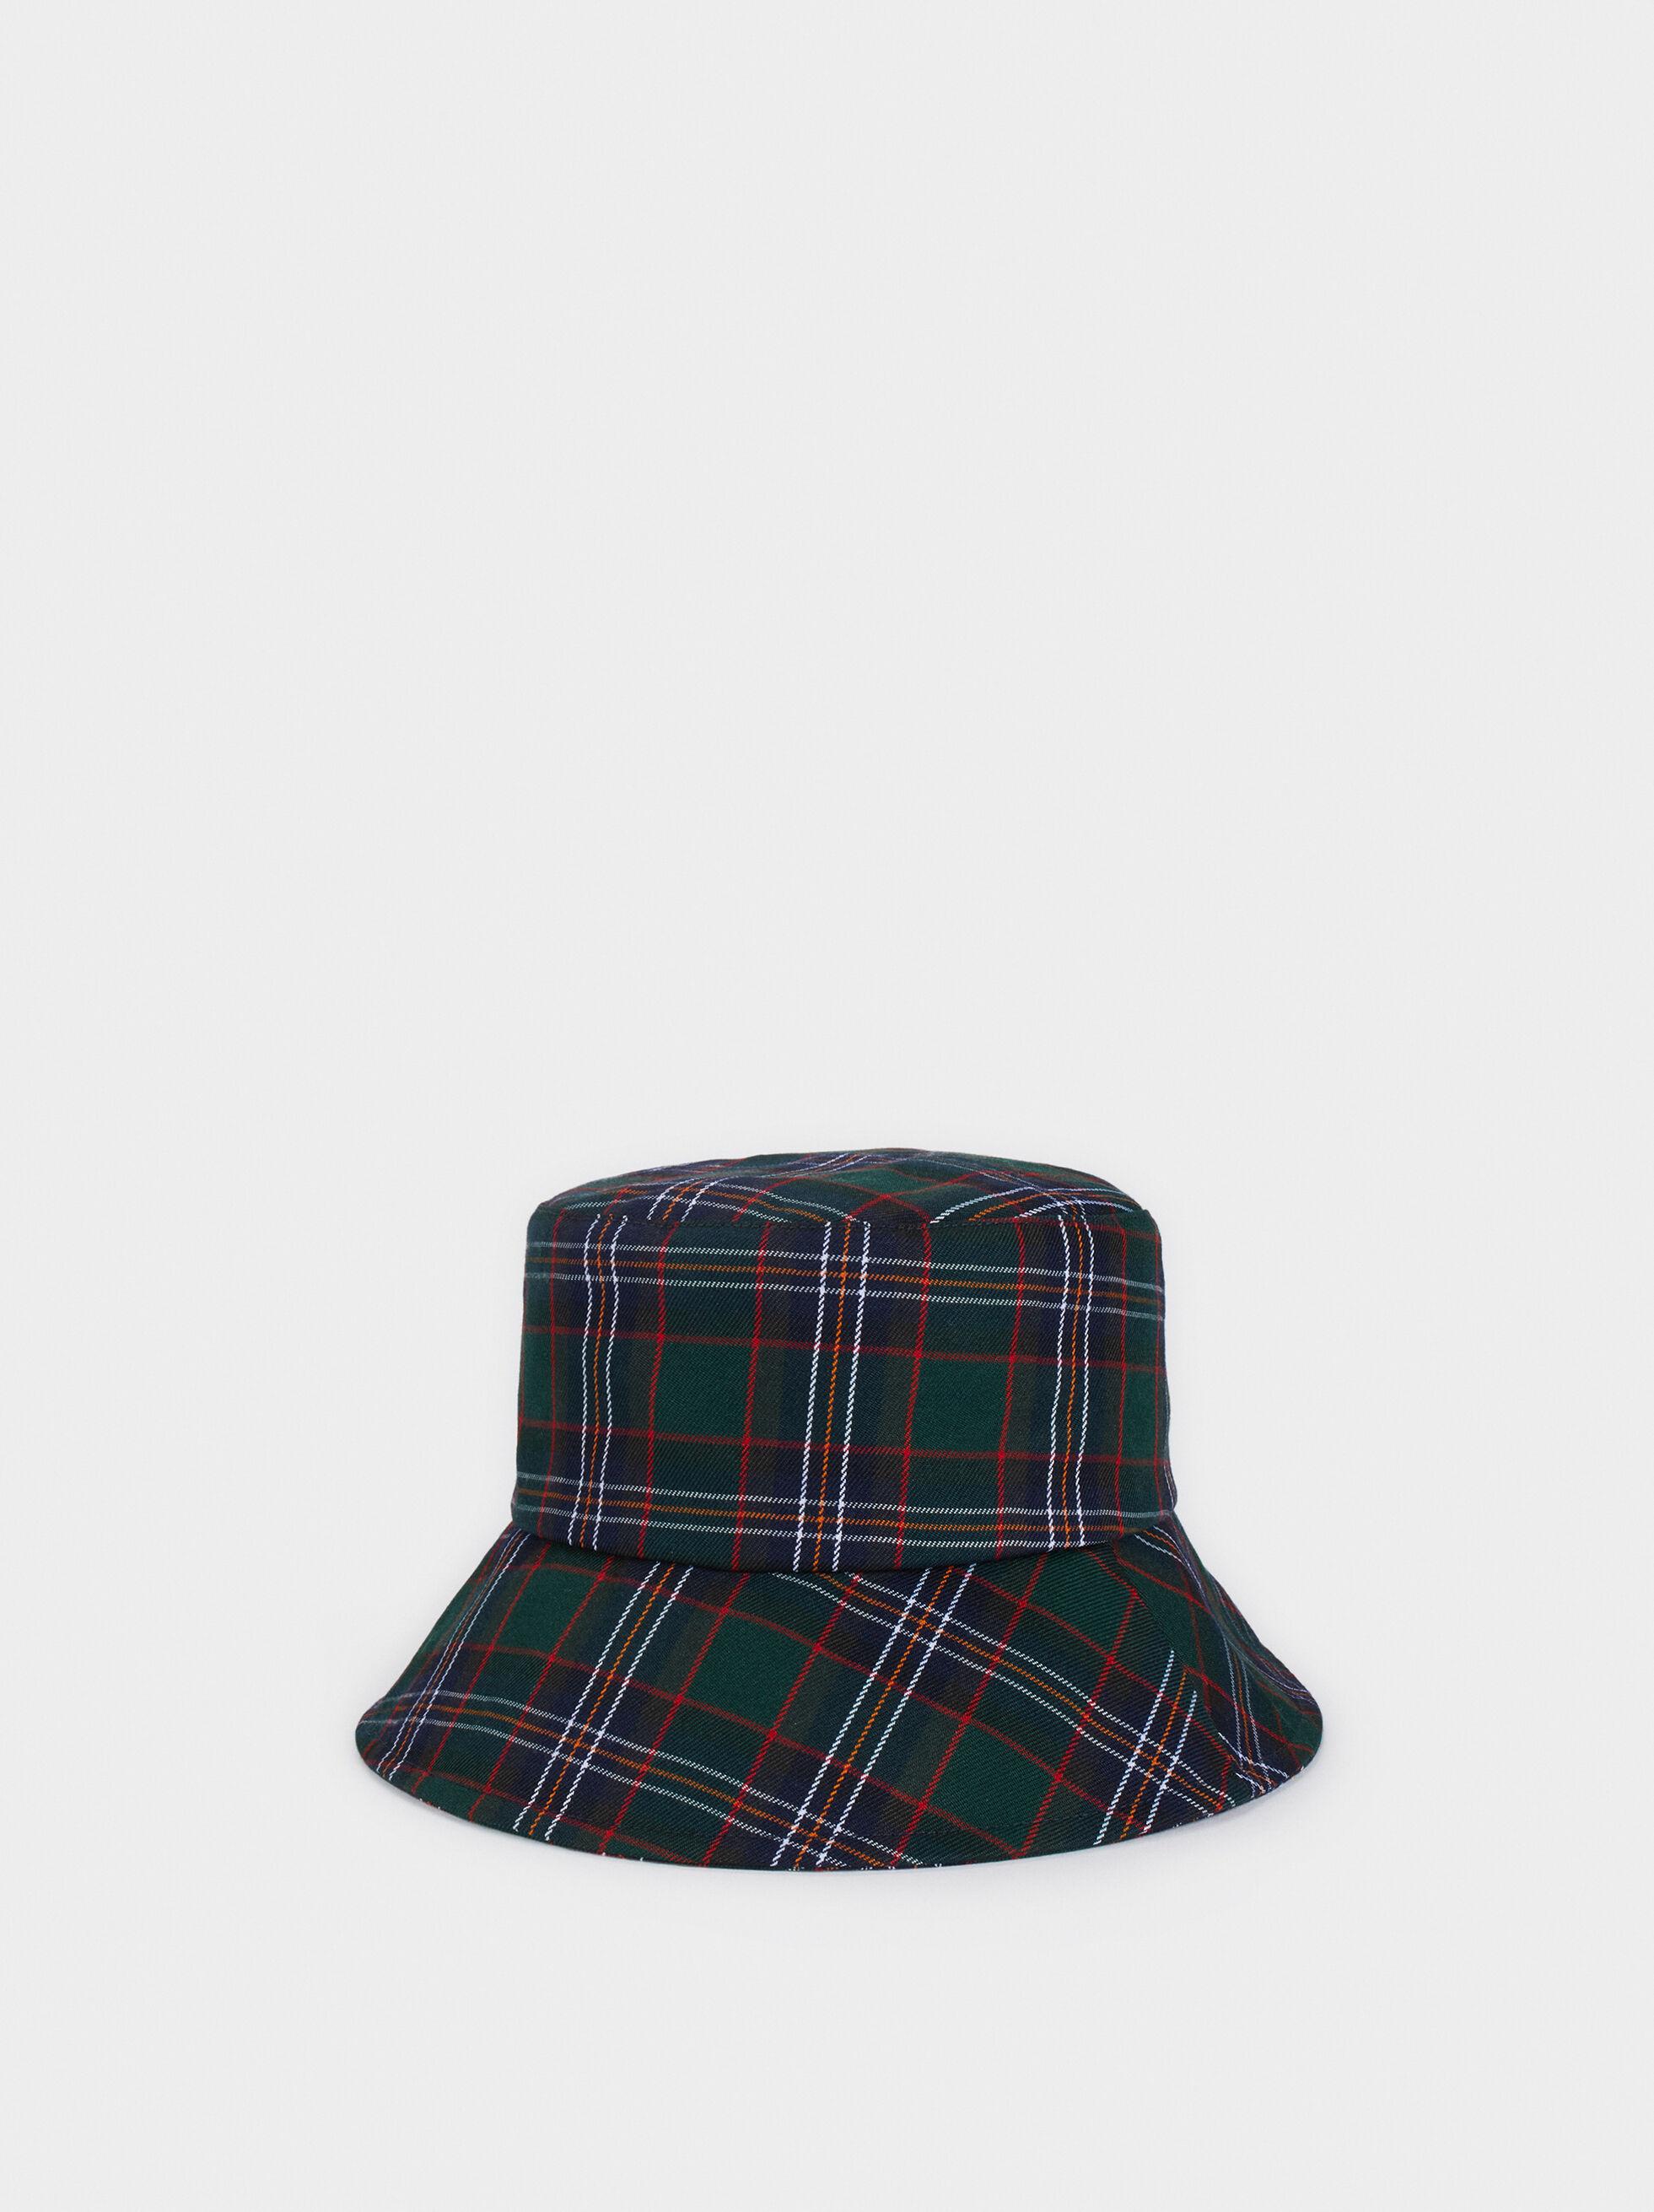 Check Print Hat, Green, hi-res